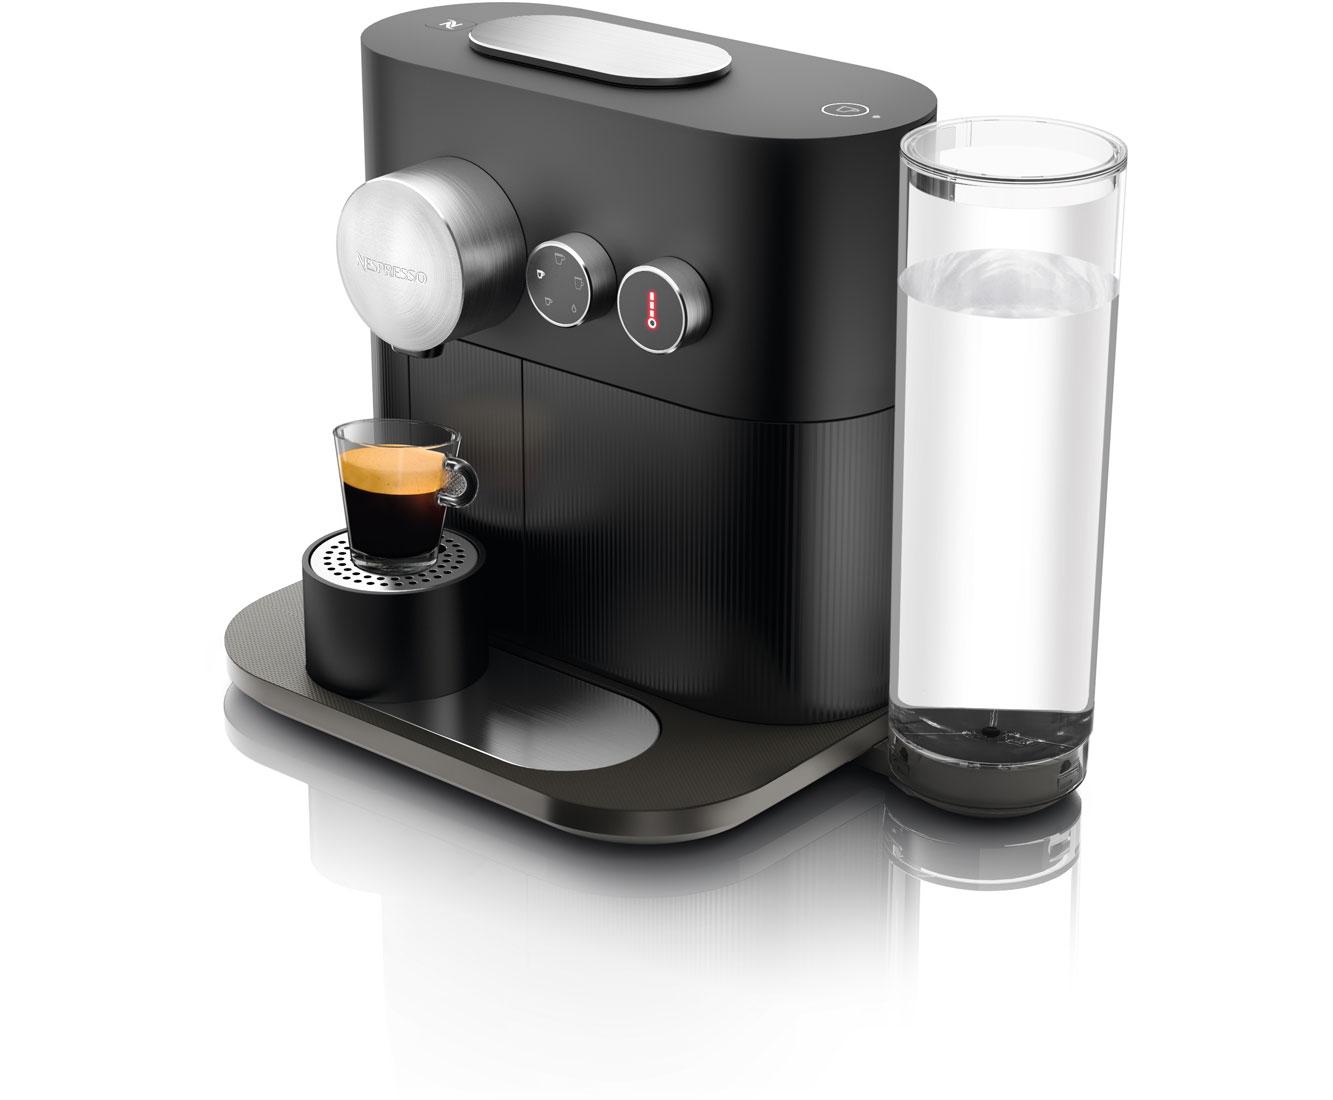 nespresso kapseln aufbewahrung preisvergleich die besten angebote online kaufen. Black Bedroom Furniture Sets. Home Design Ideas